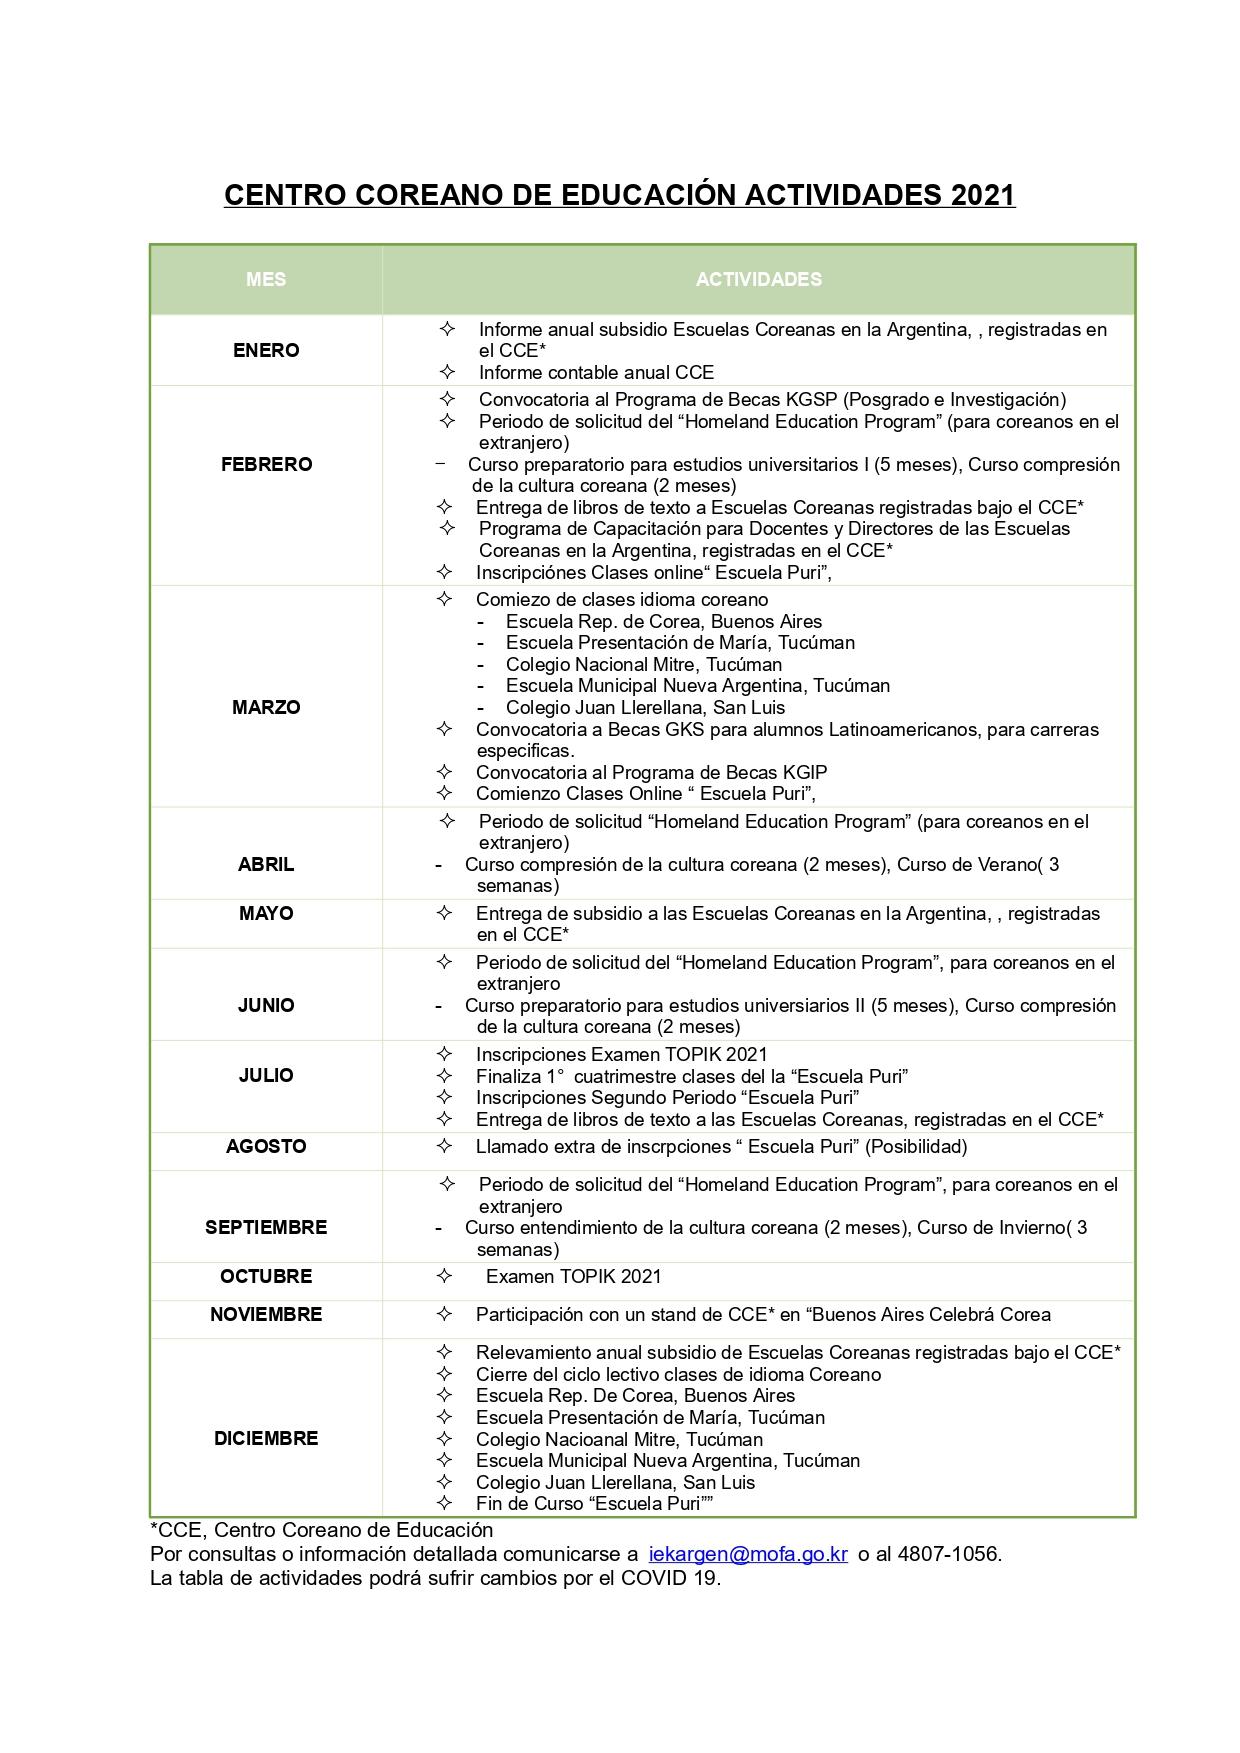 아르헨티나한국교육원연간일정표-CCE Actividades 2021_page-0002.jpg